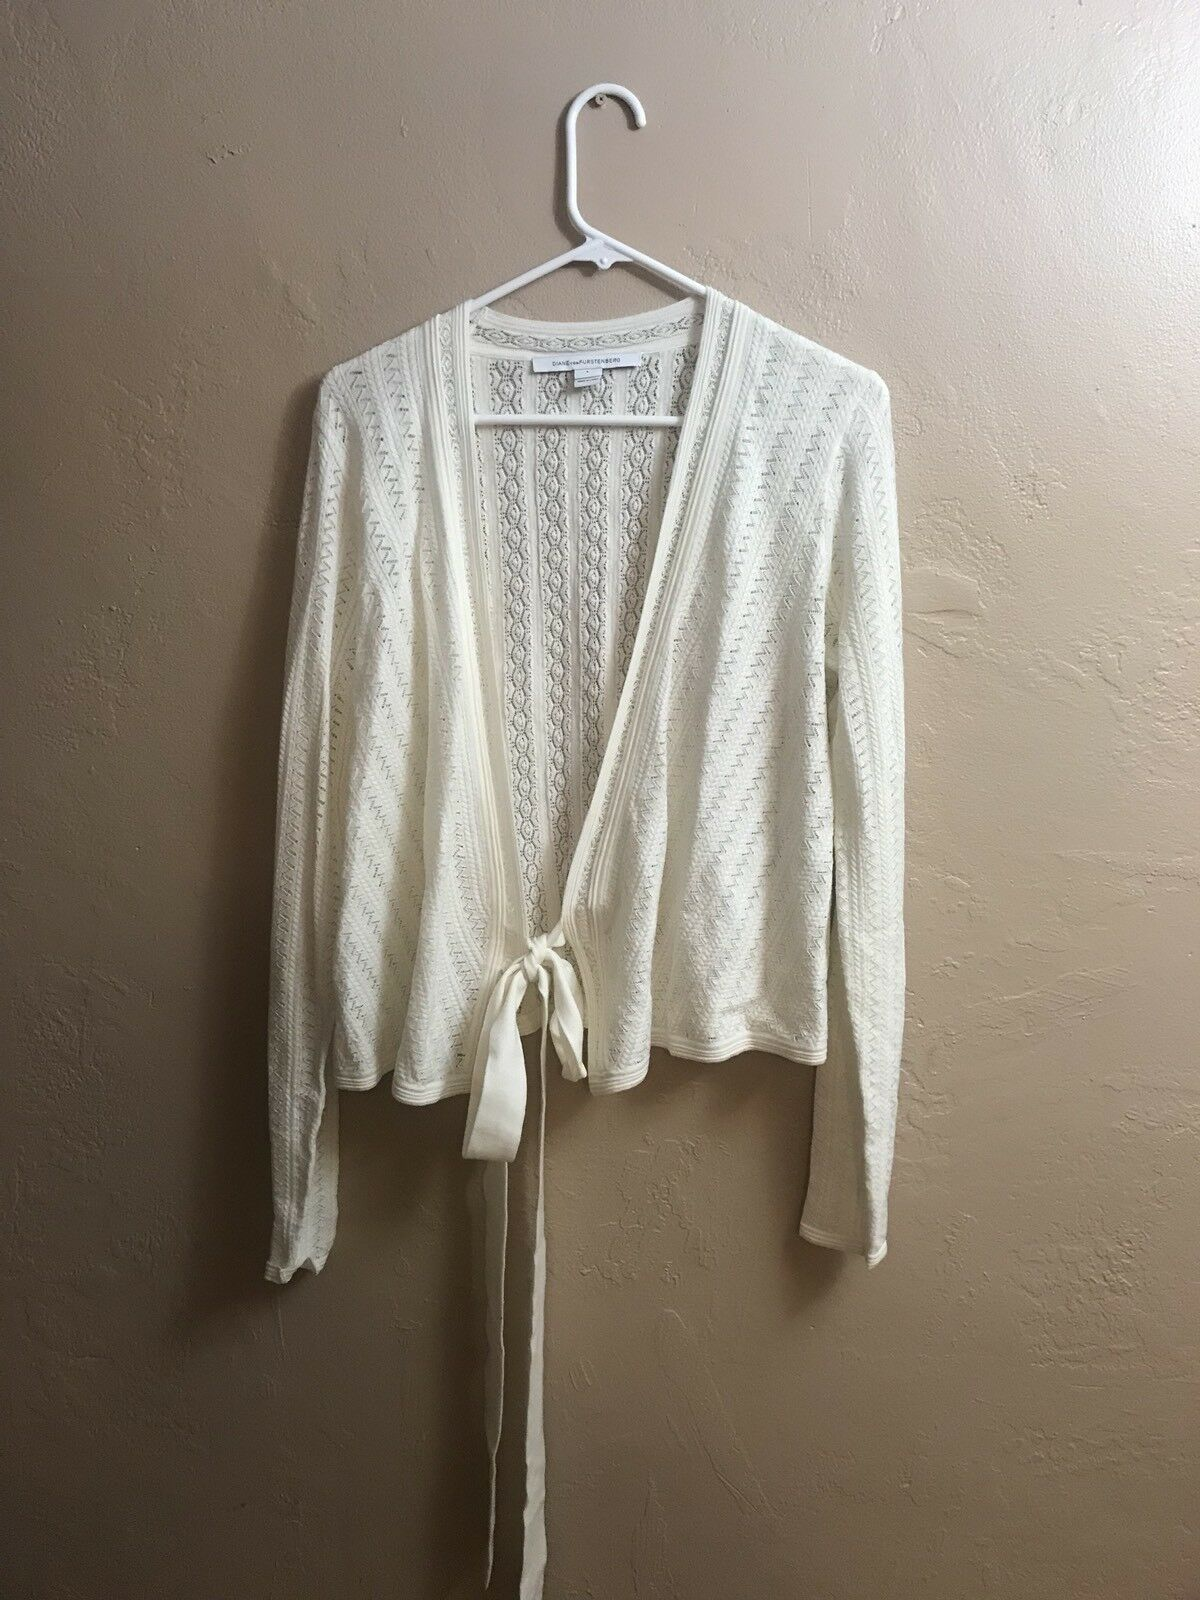 Diane Von Furstenberg damen's Ballerina Wrap Sweater Ivory Top Blouse Größe L